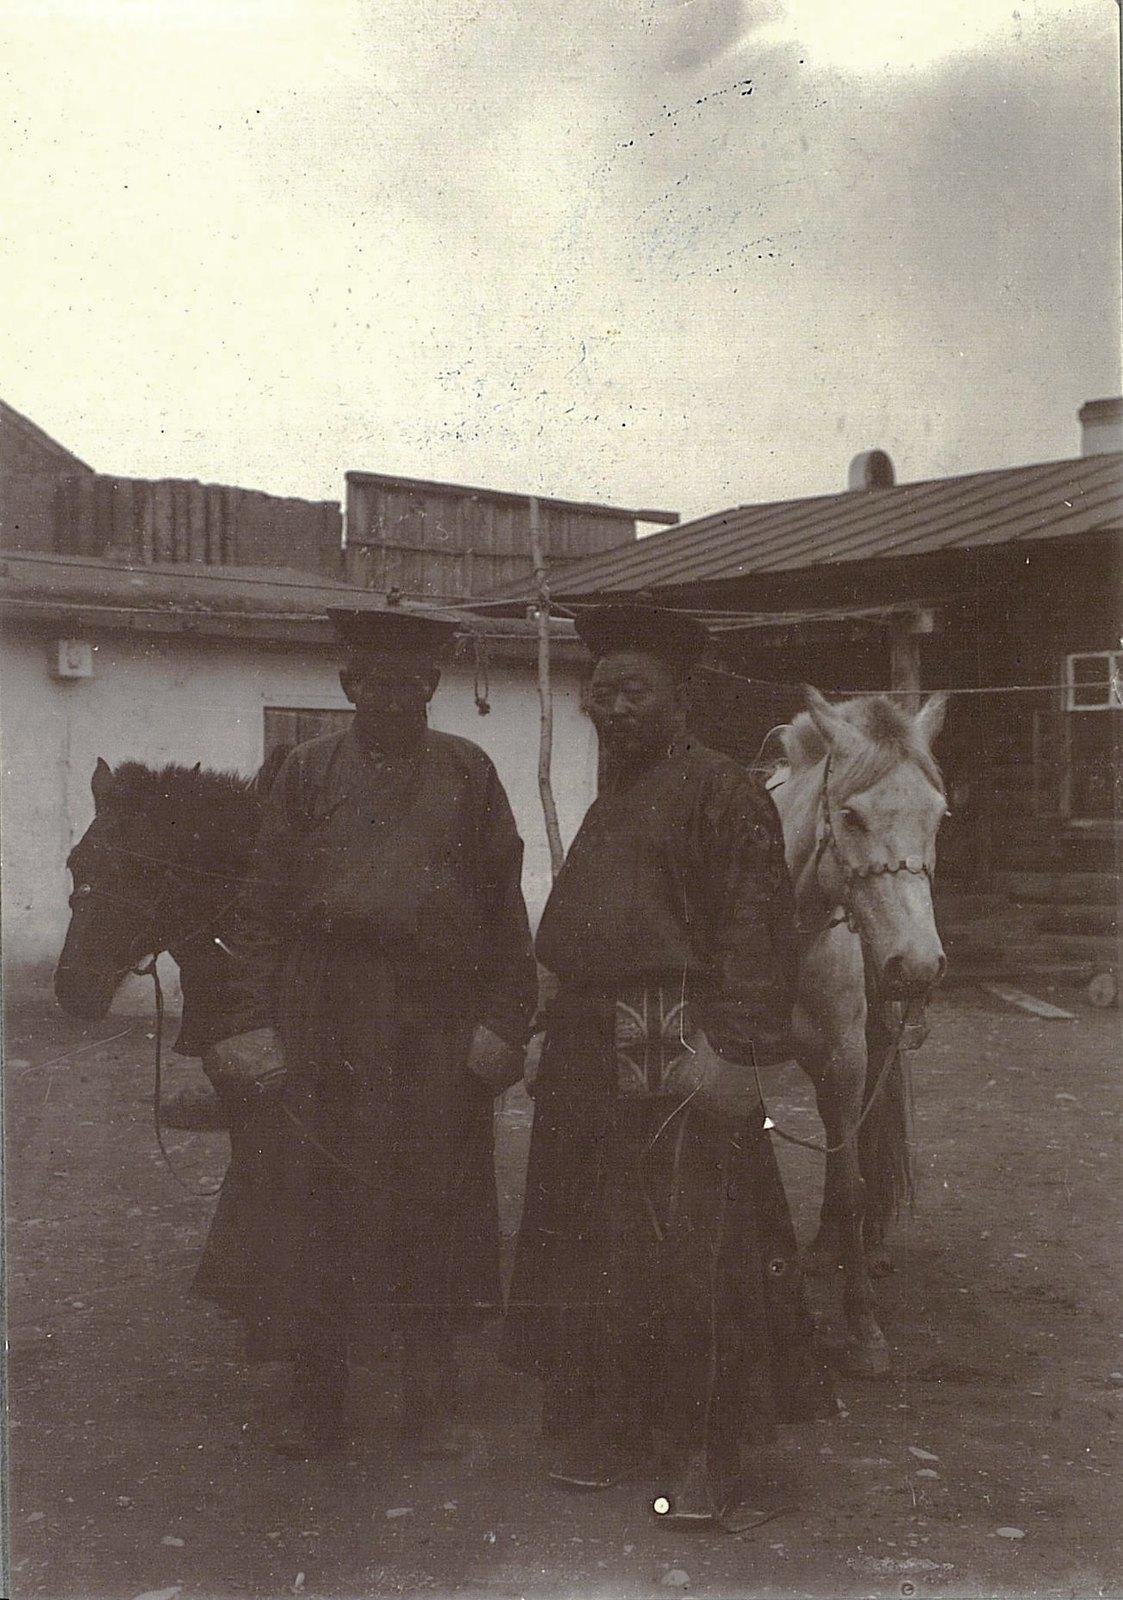 Урга. Ламы и лошади